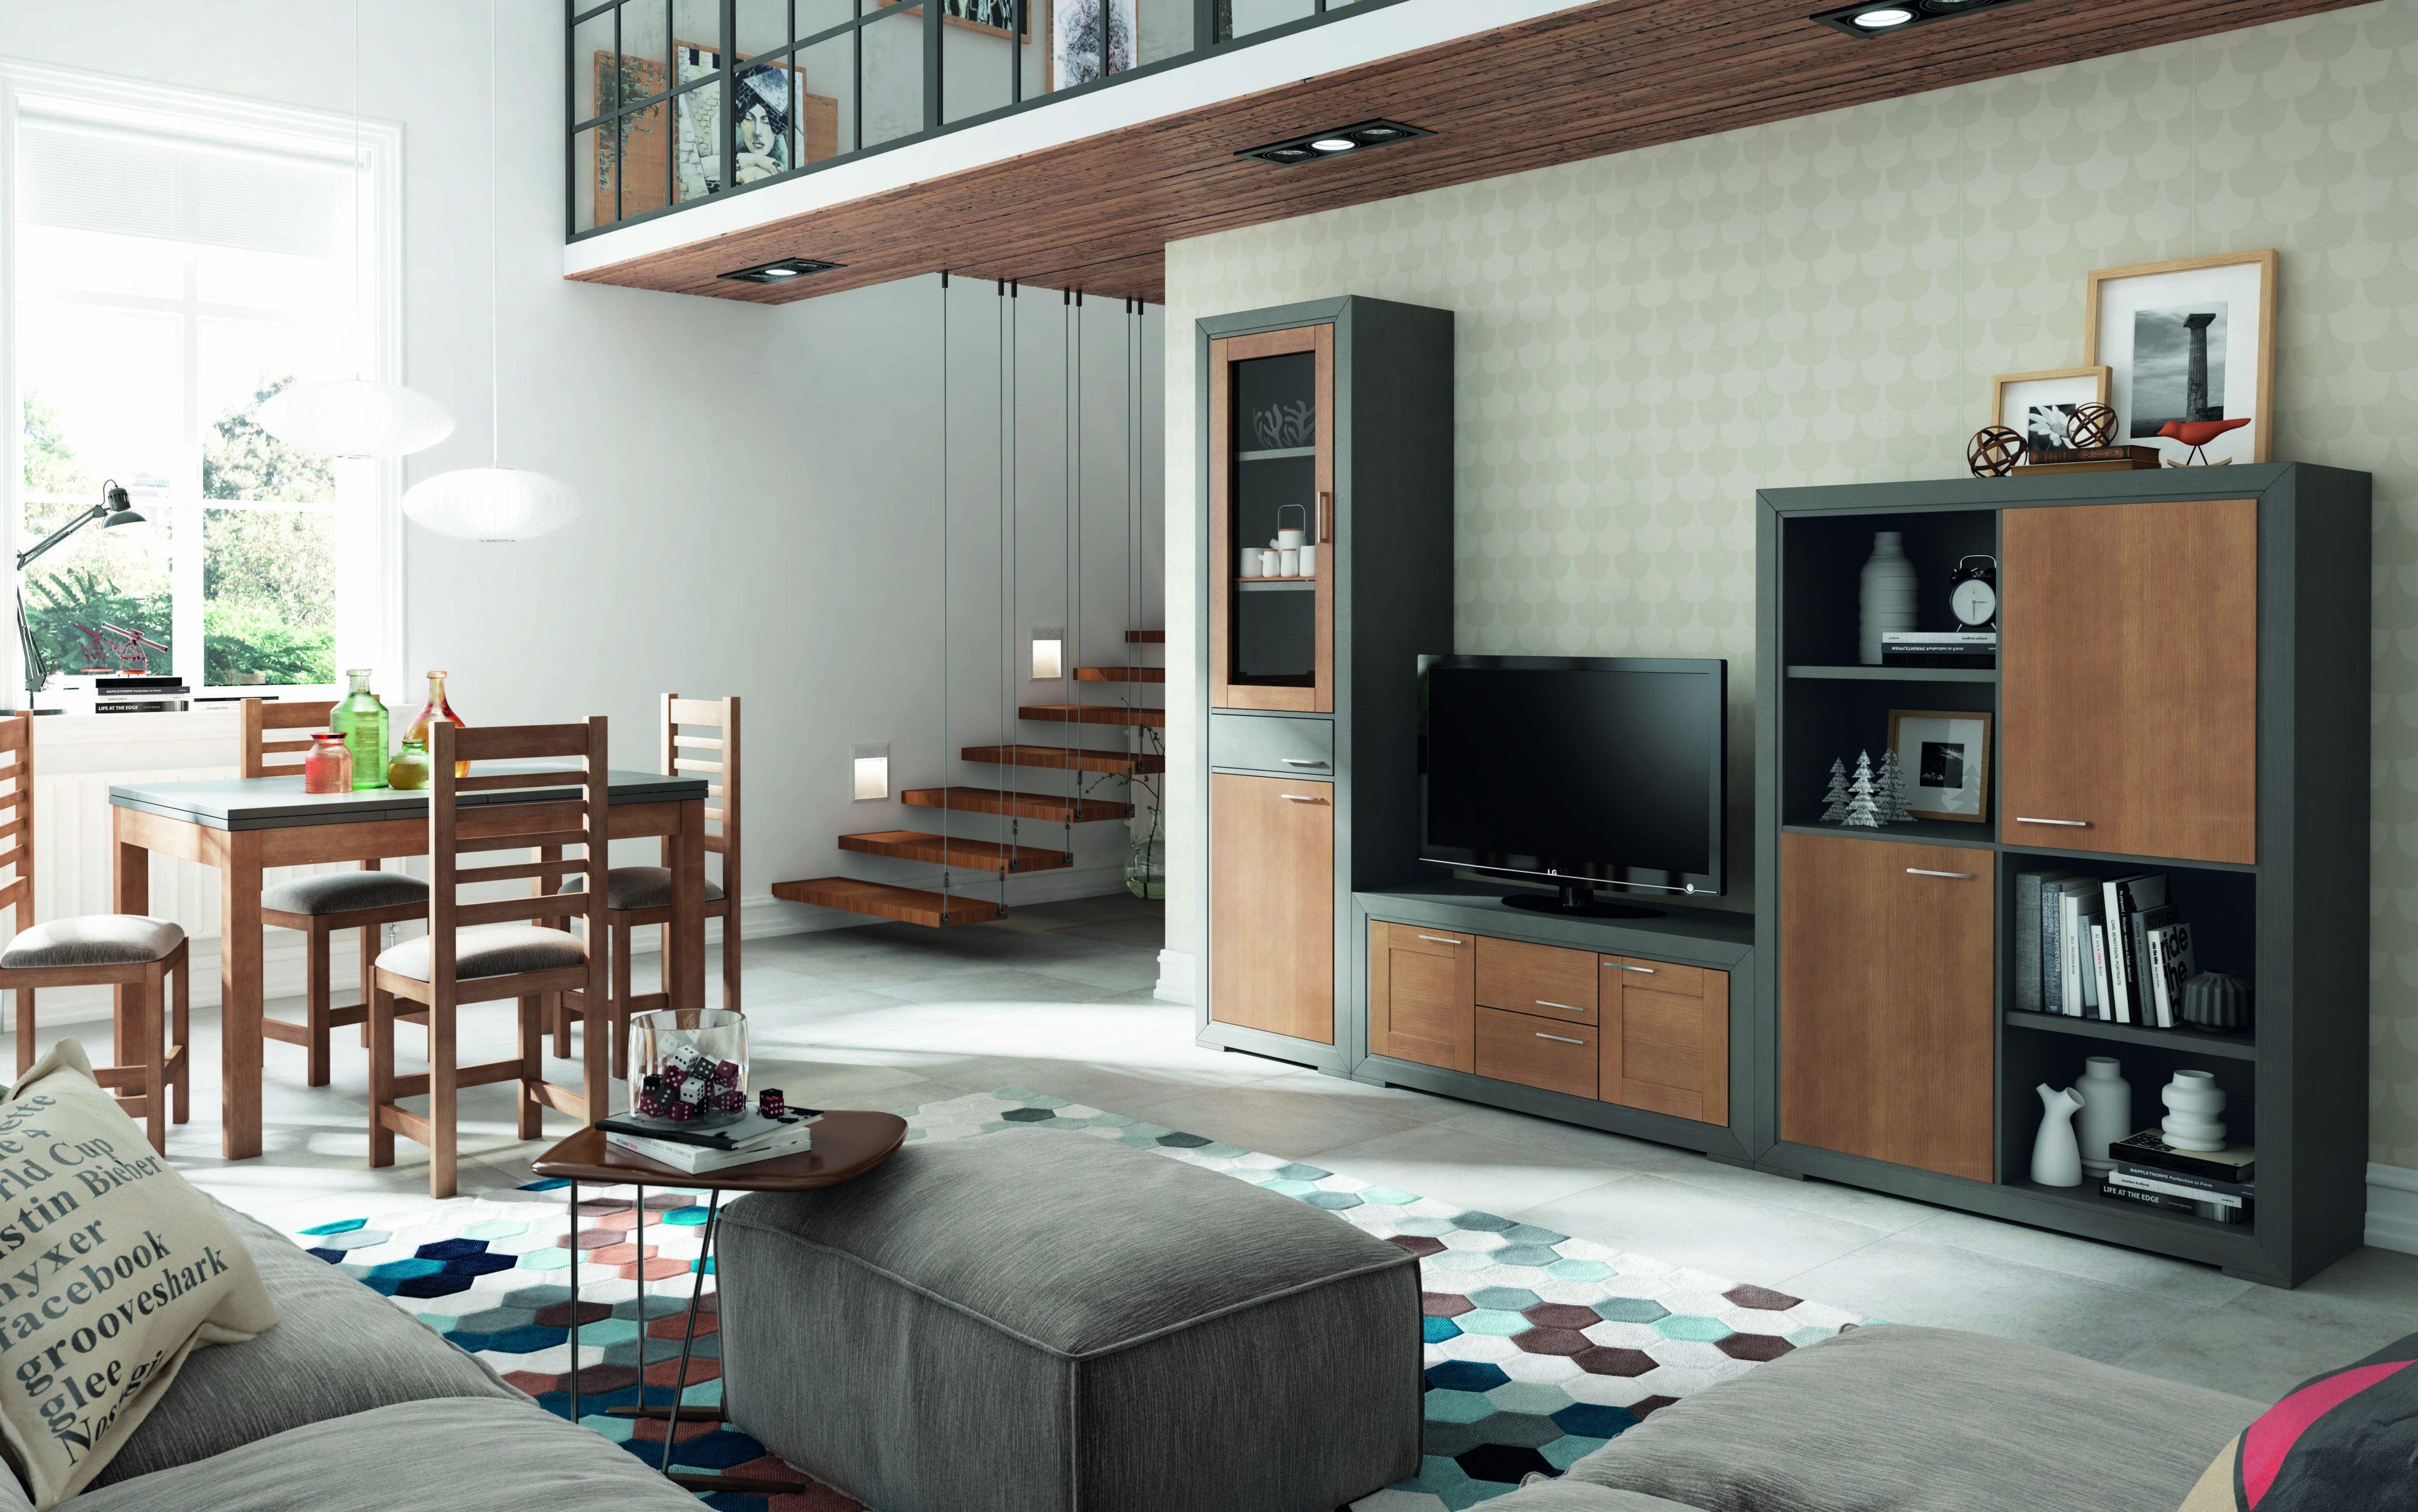 Composición modular en madera 285x208 cm en gris y roble claro. Extraordinario y convincente.